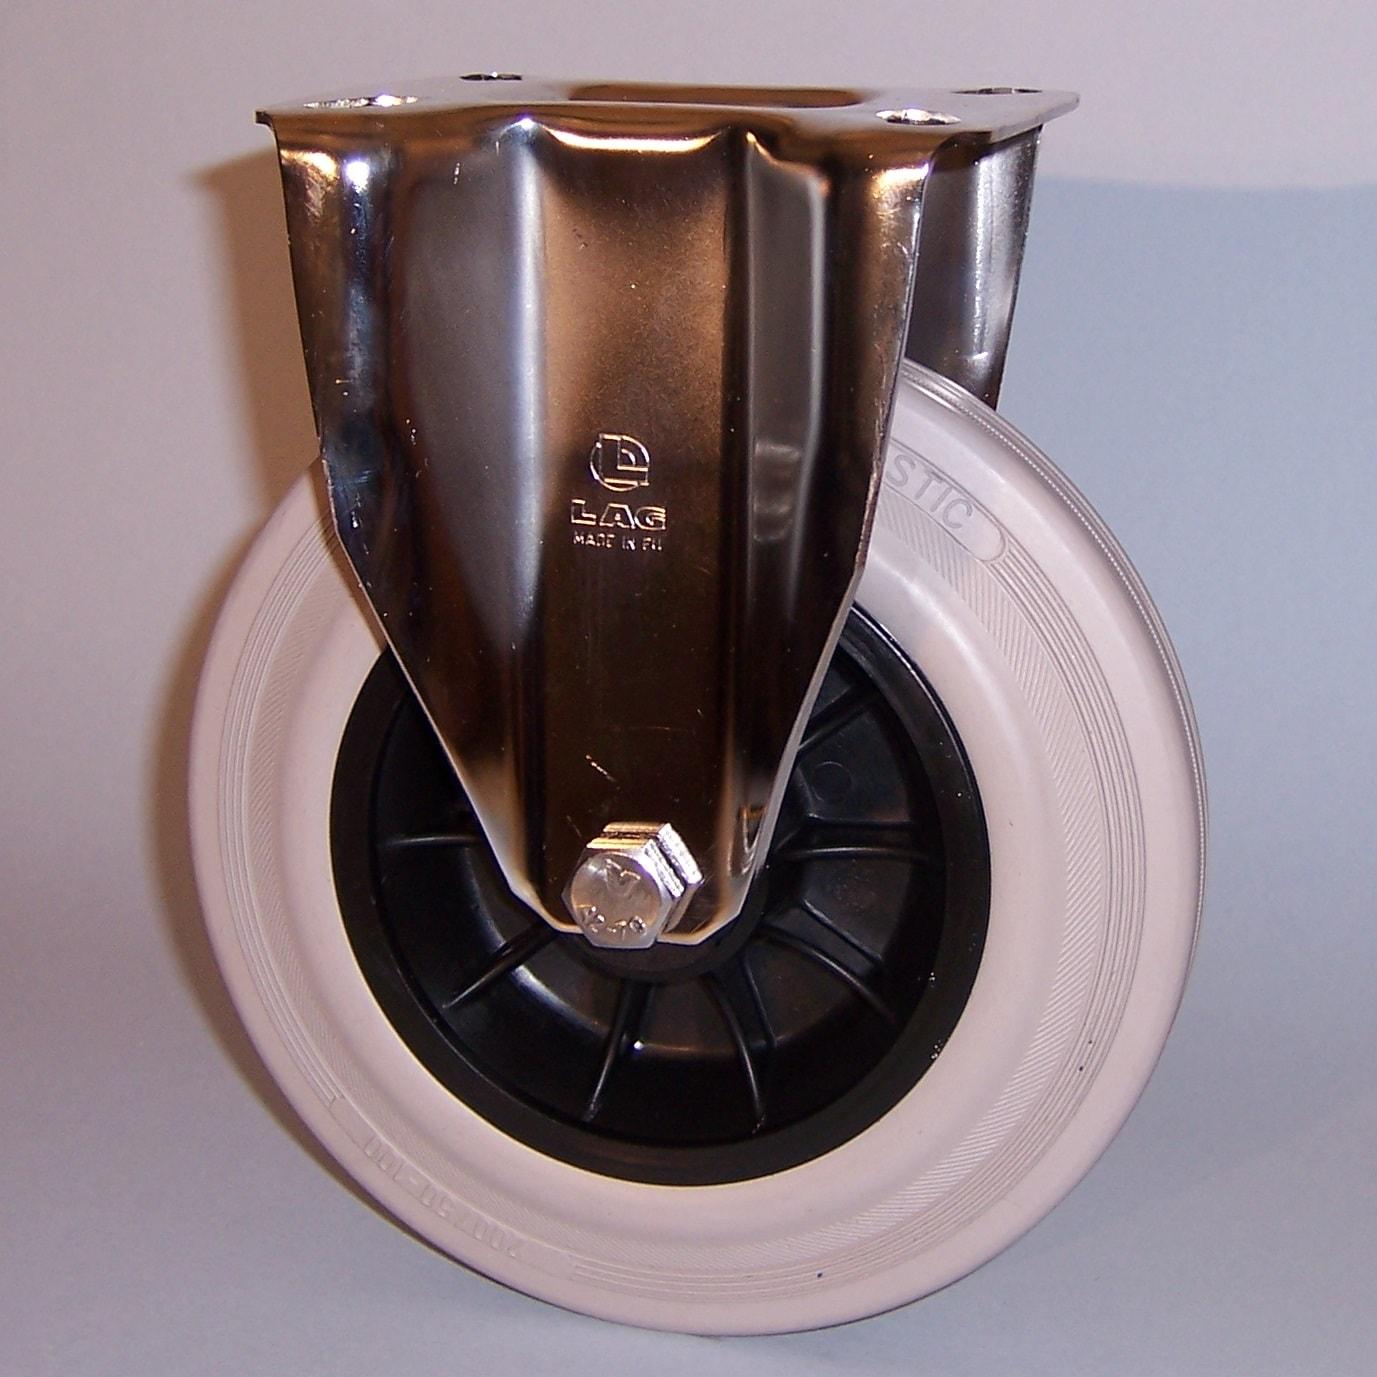 Ruote serie DG con supporto INOX20 Ruote con anello in gomma grigia elastica e mozzo in materiale termoplastico, disponibili con cuscinetti a rullini standard o inox e con boccole di nylon. Organo di rotolamento: cuscinetto a rullini inox.